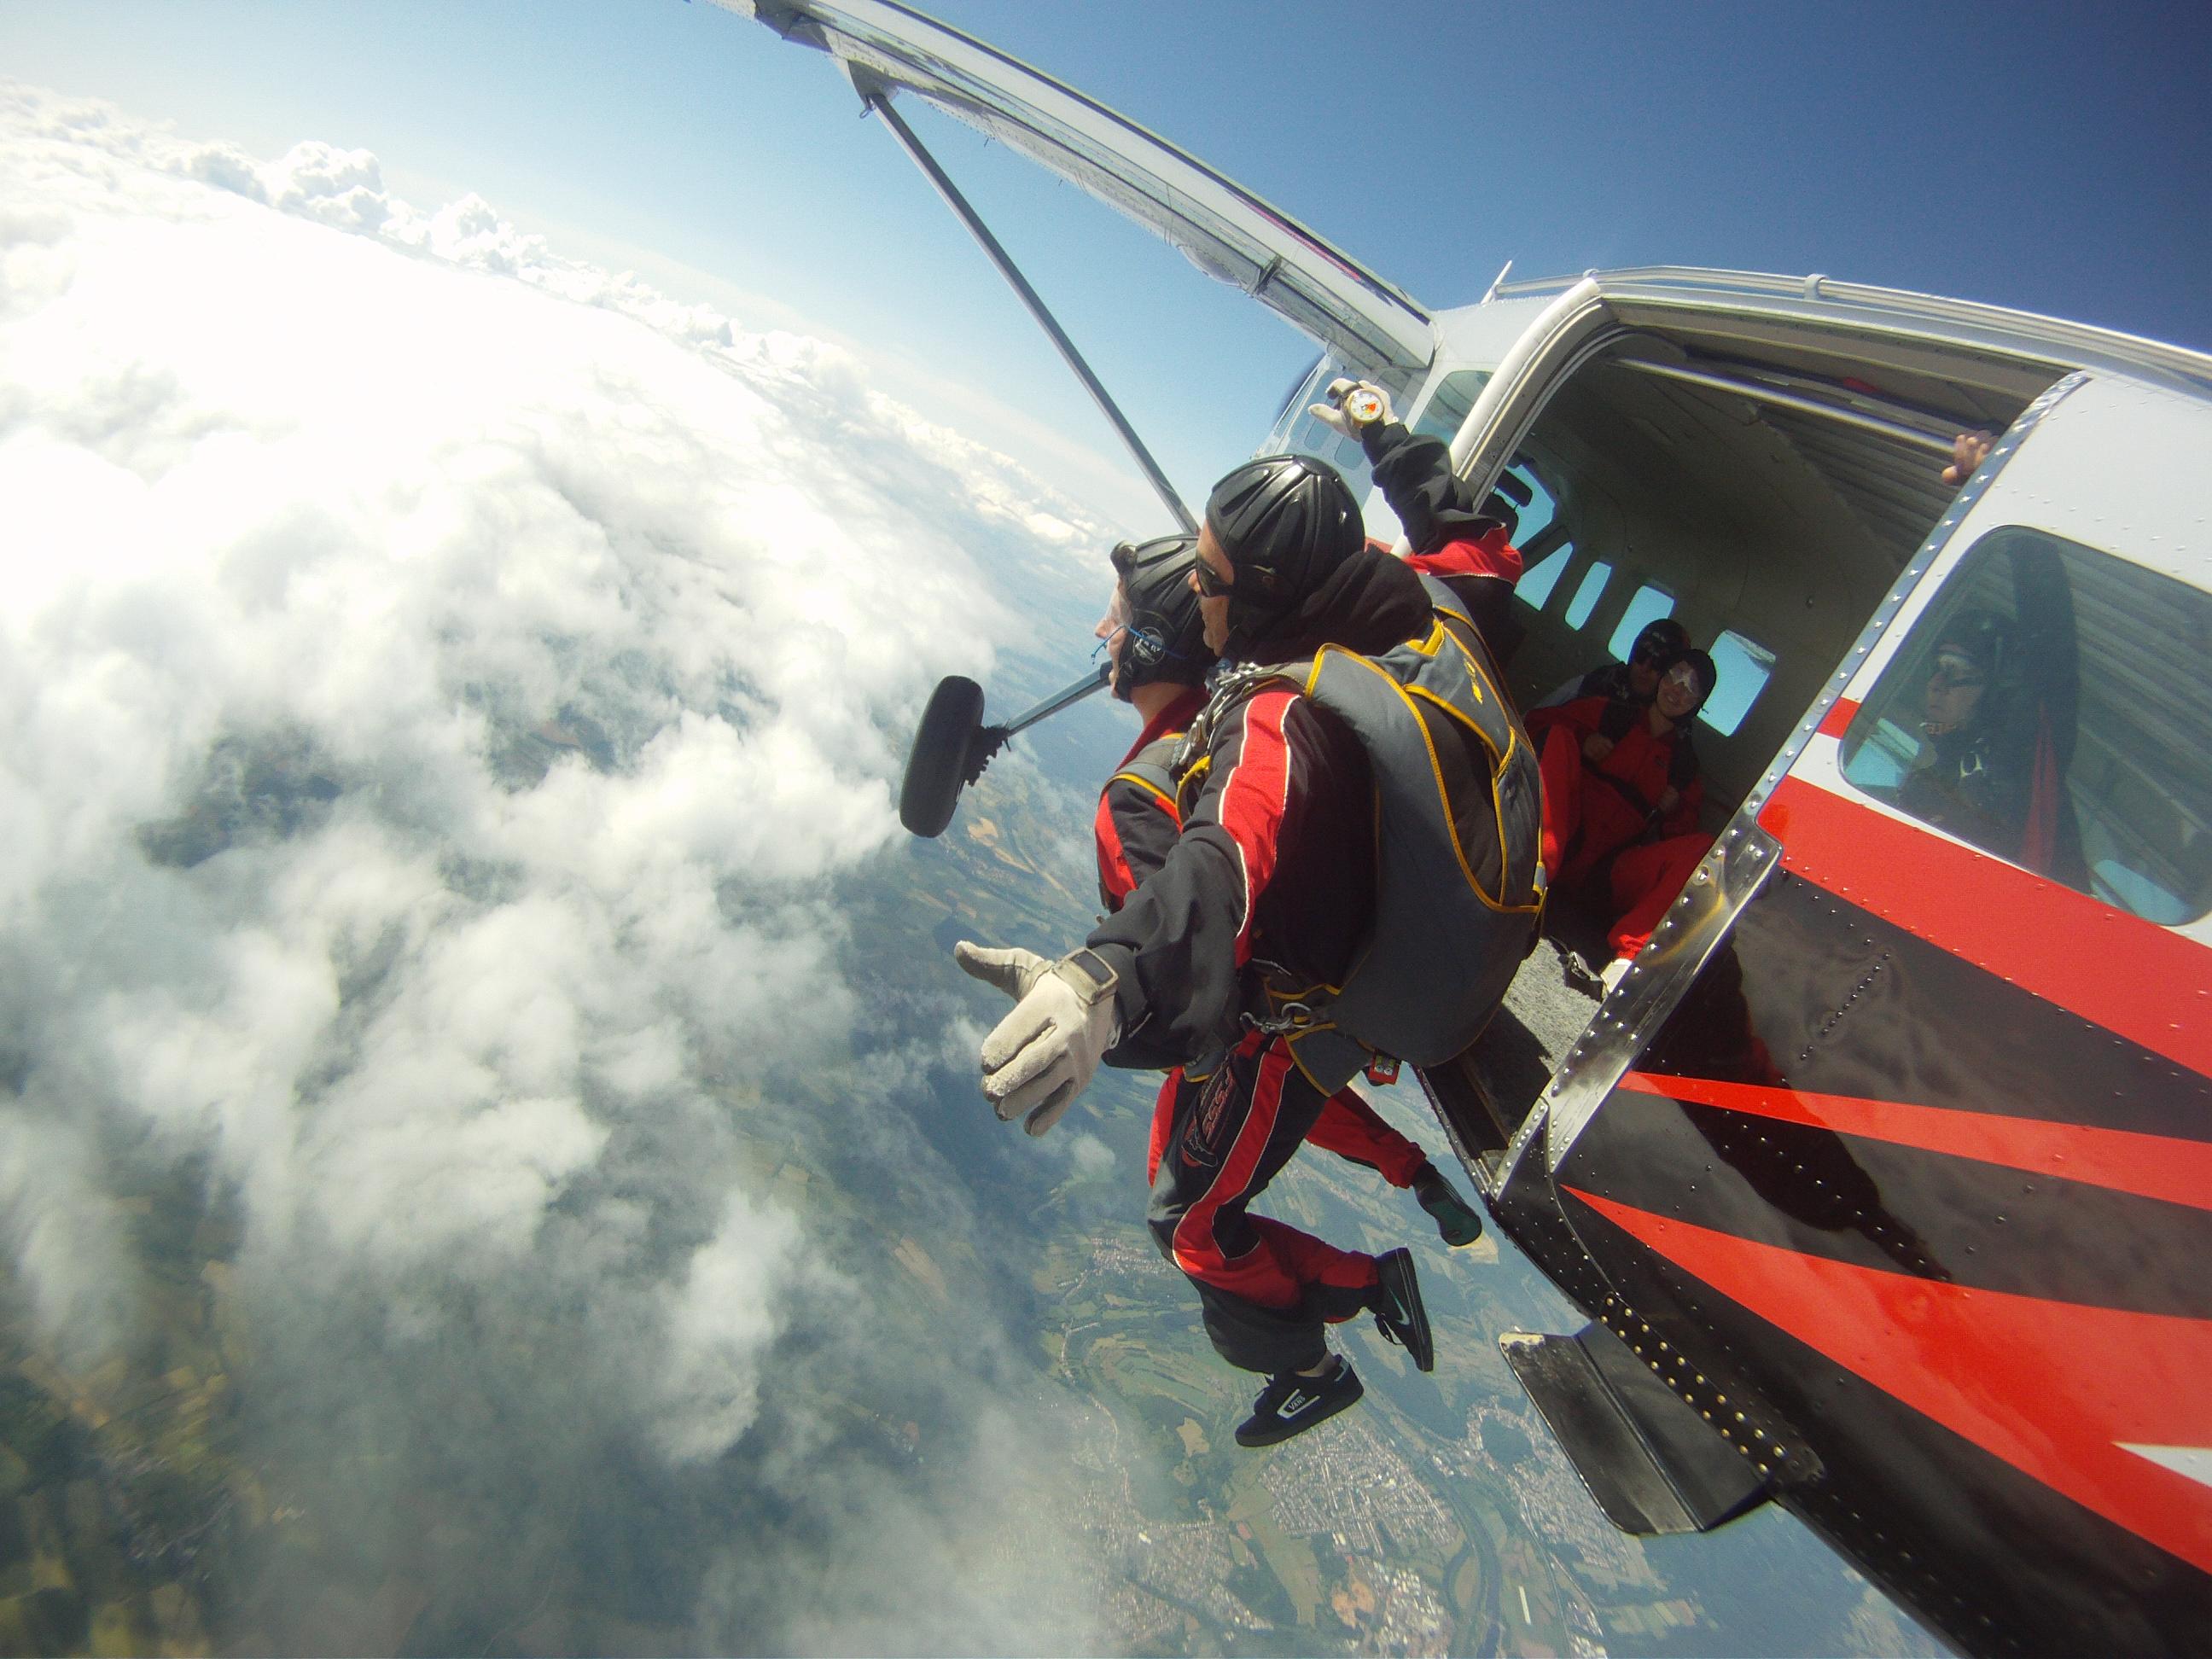 saut en parachute wallerfangen